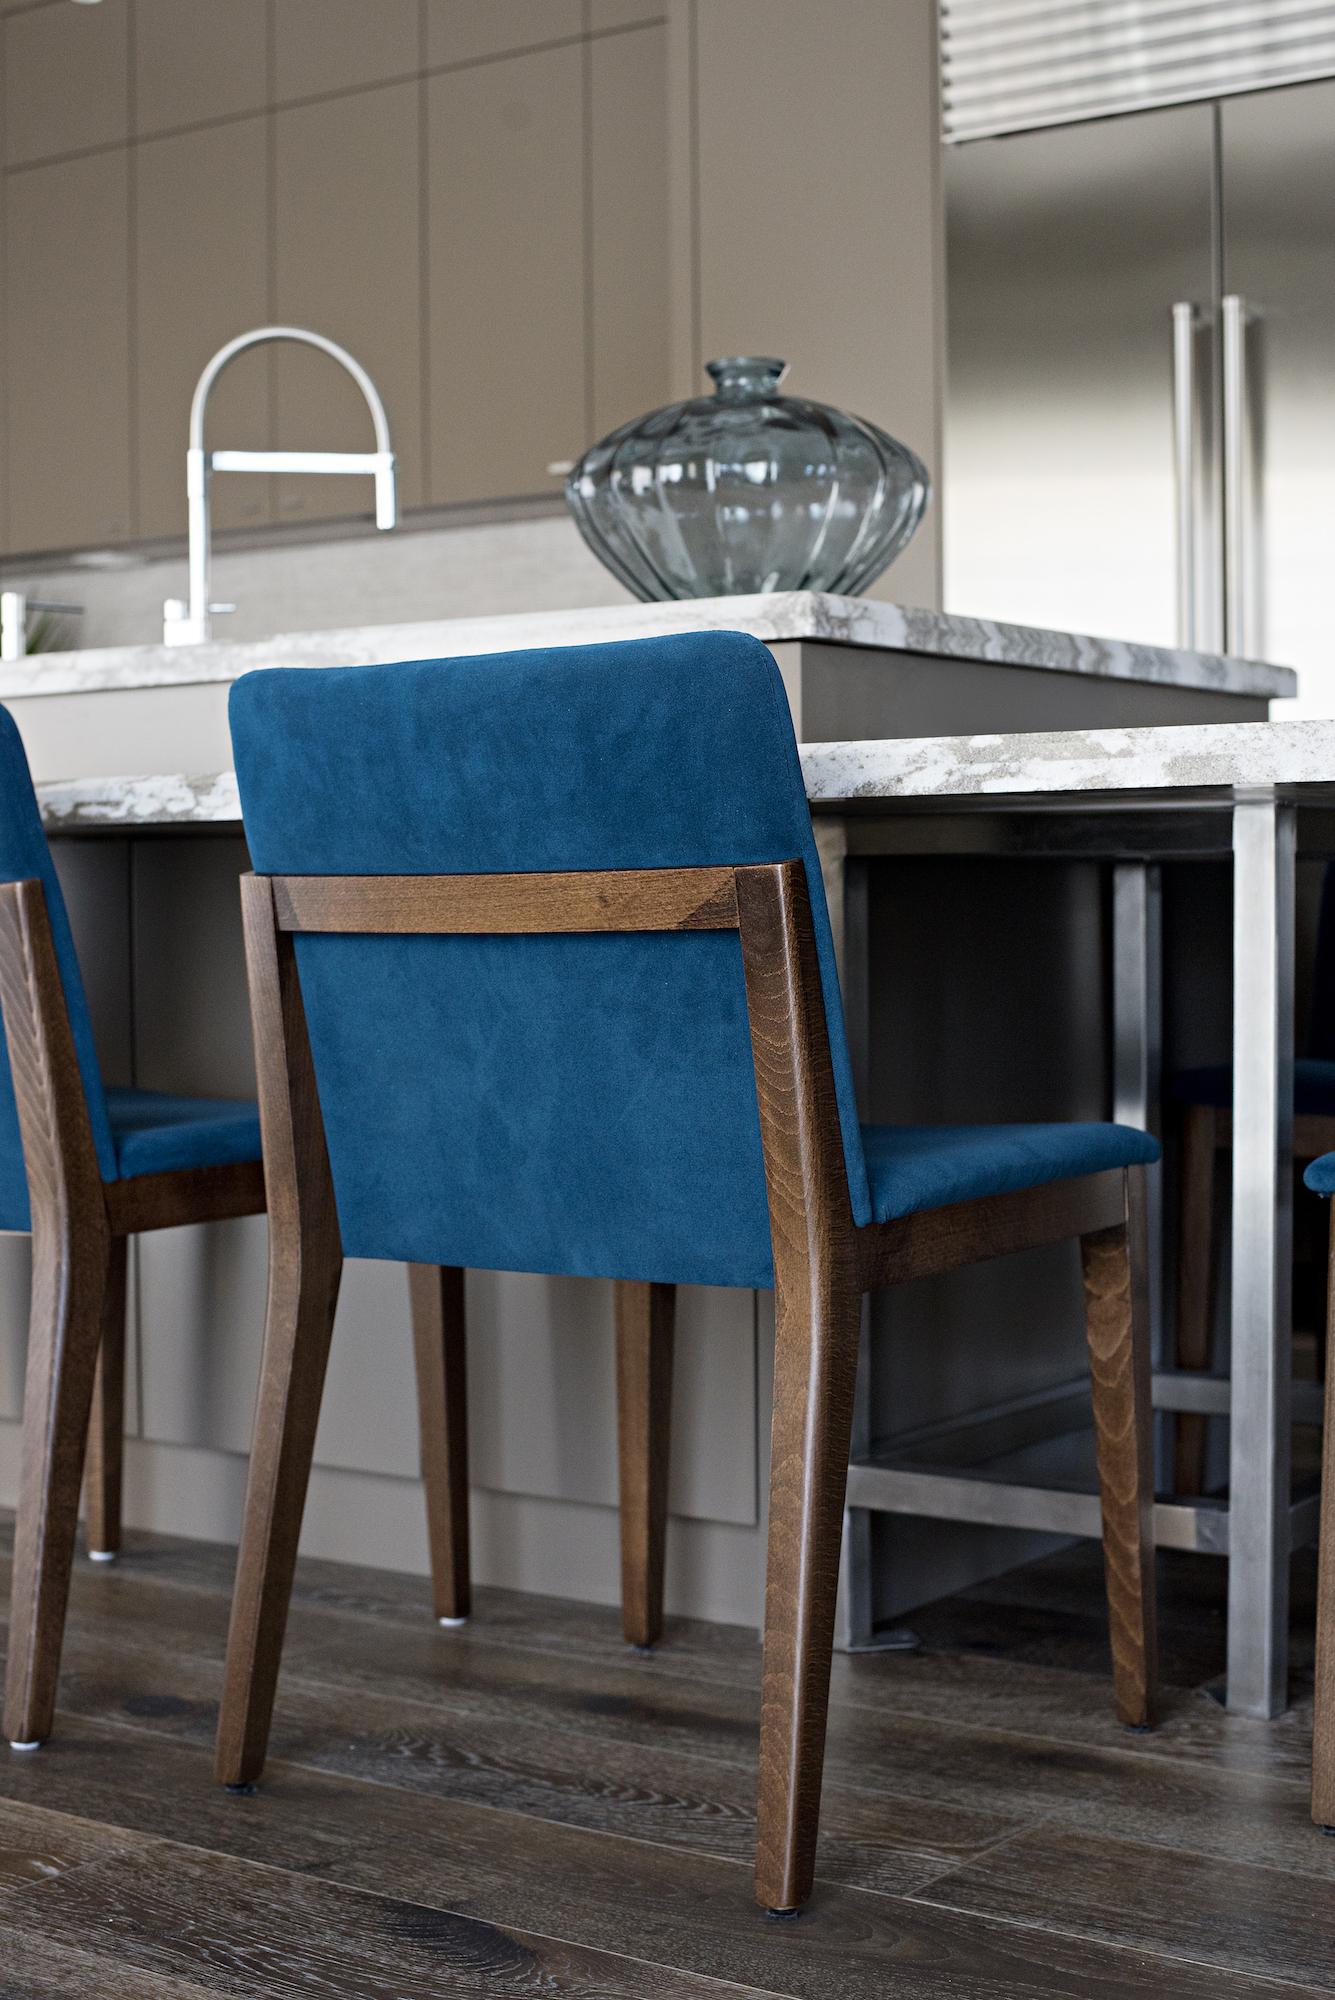 11 Kitchen Island Chairs.jpg